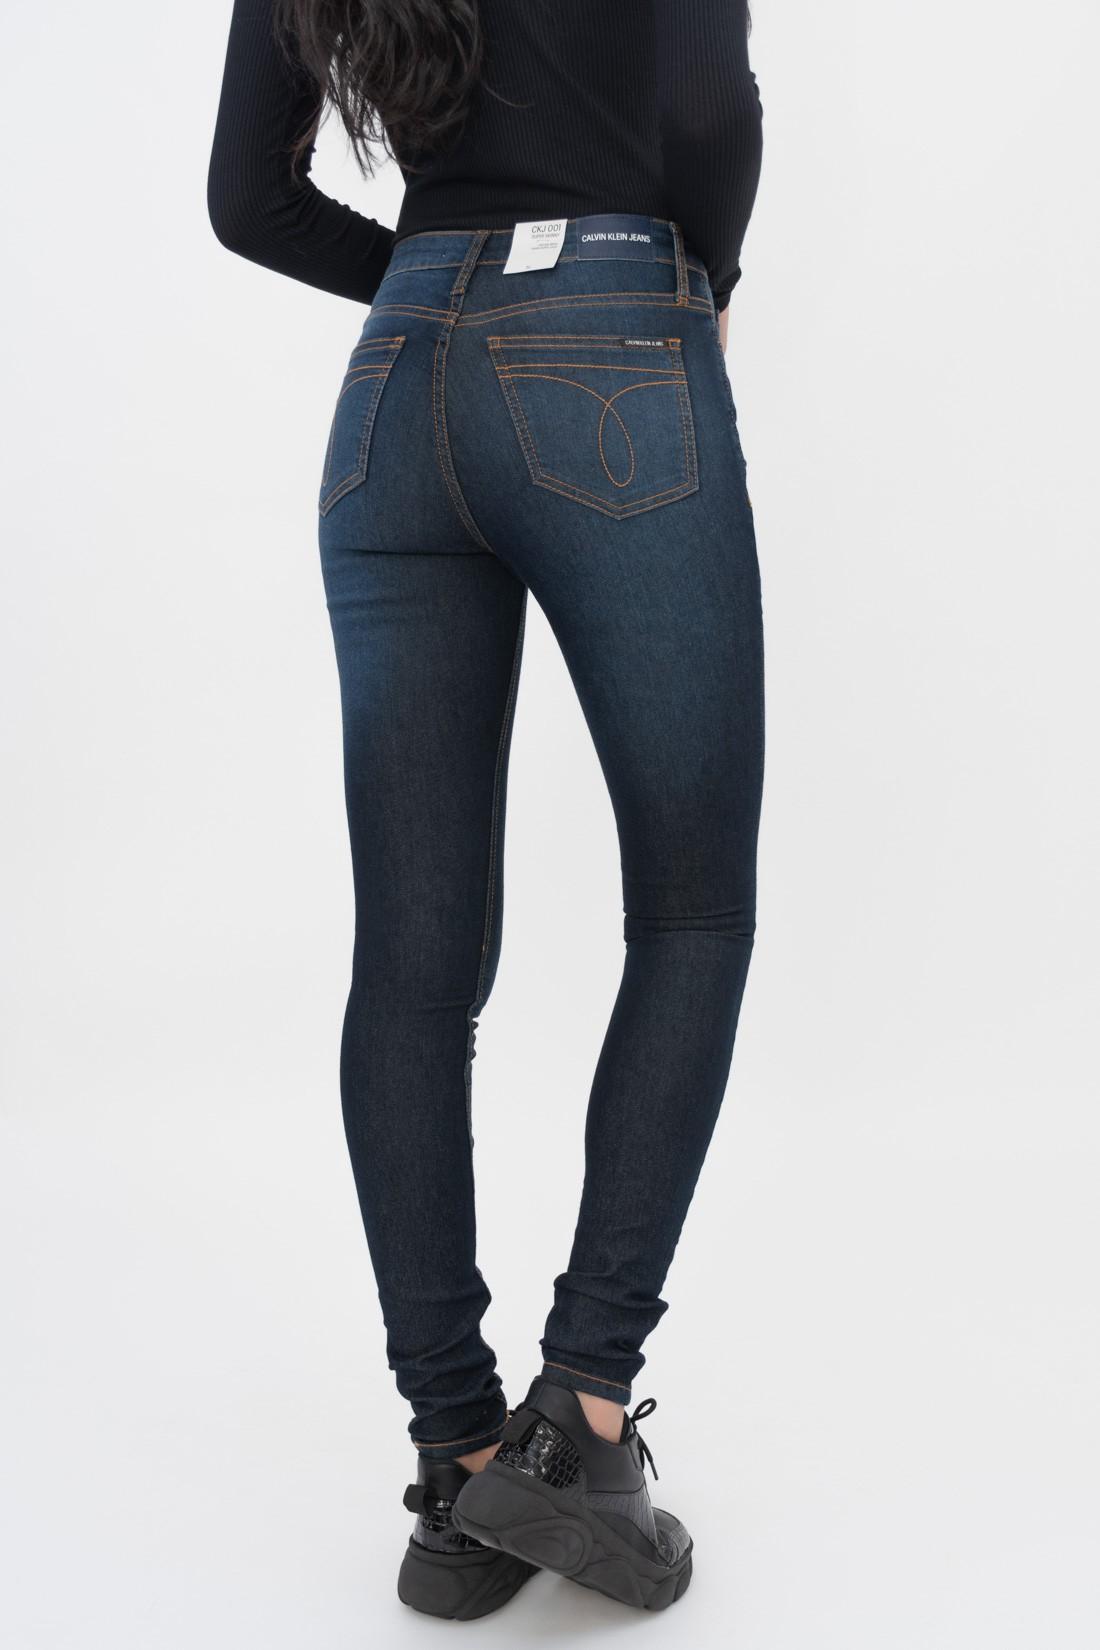 Calca Jeans Calvin Klein Pespontos